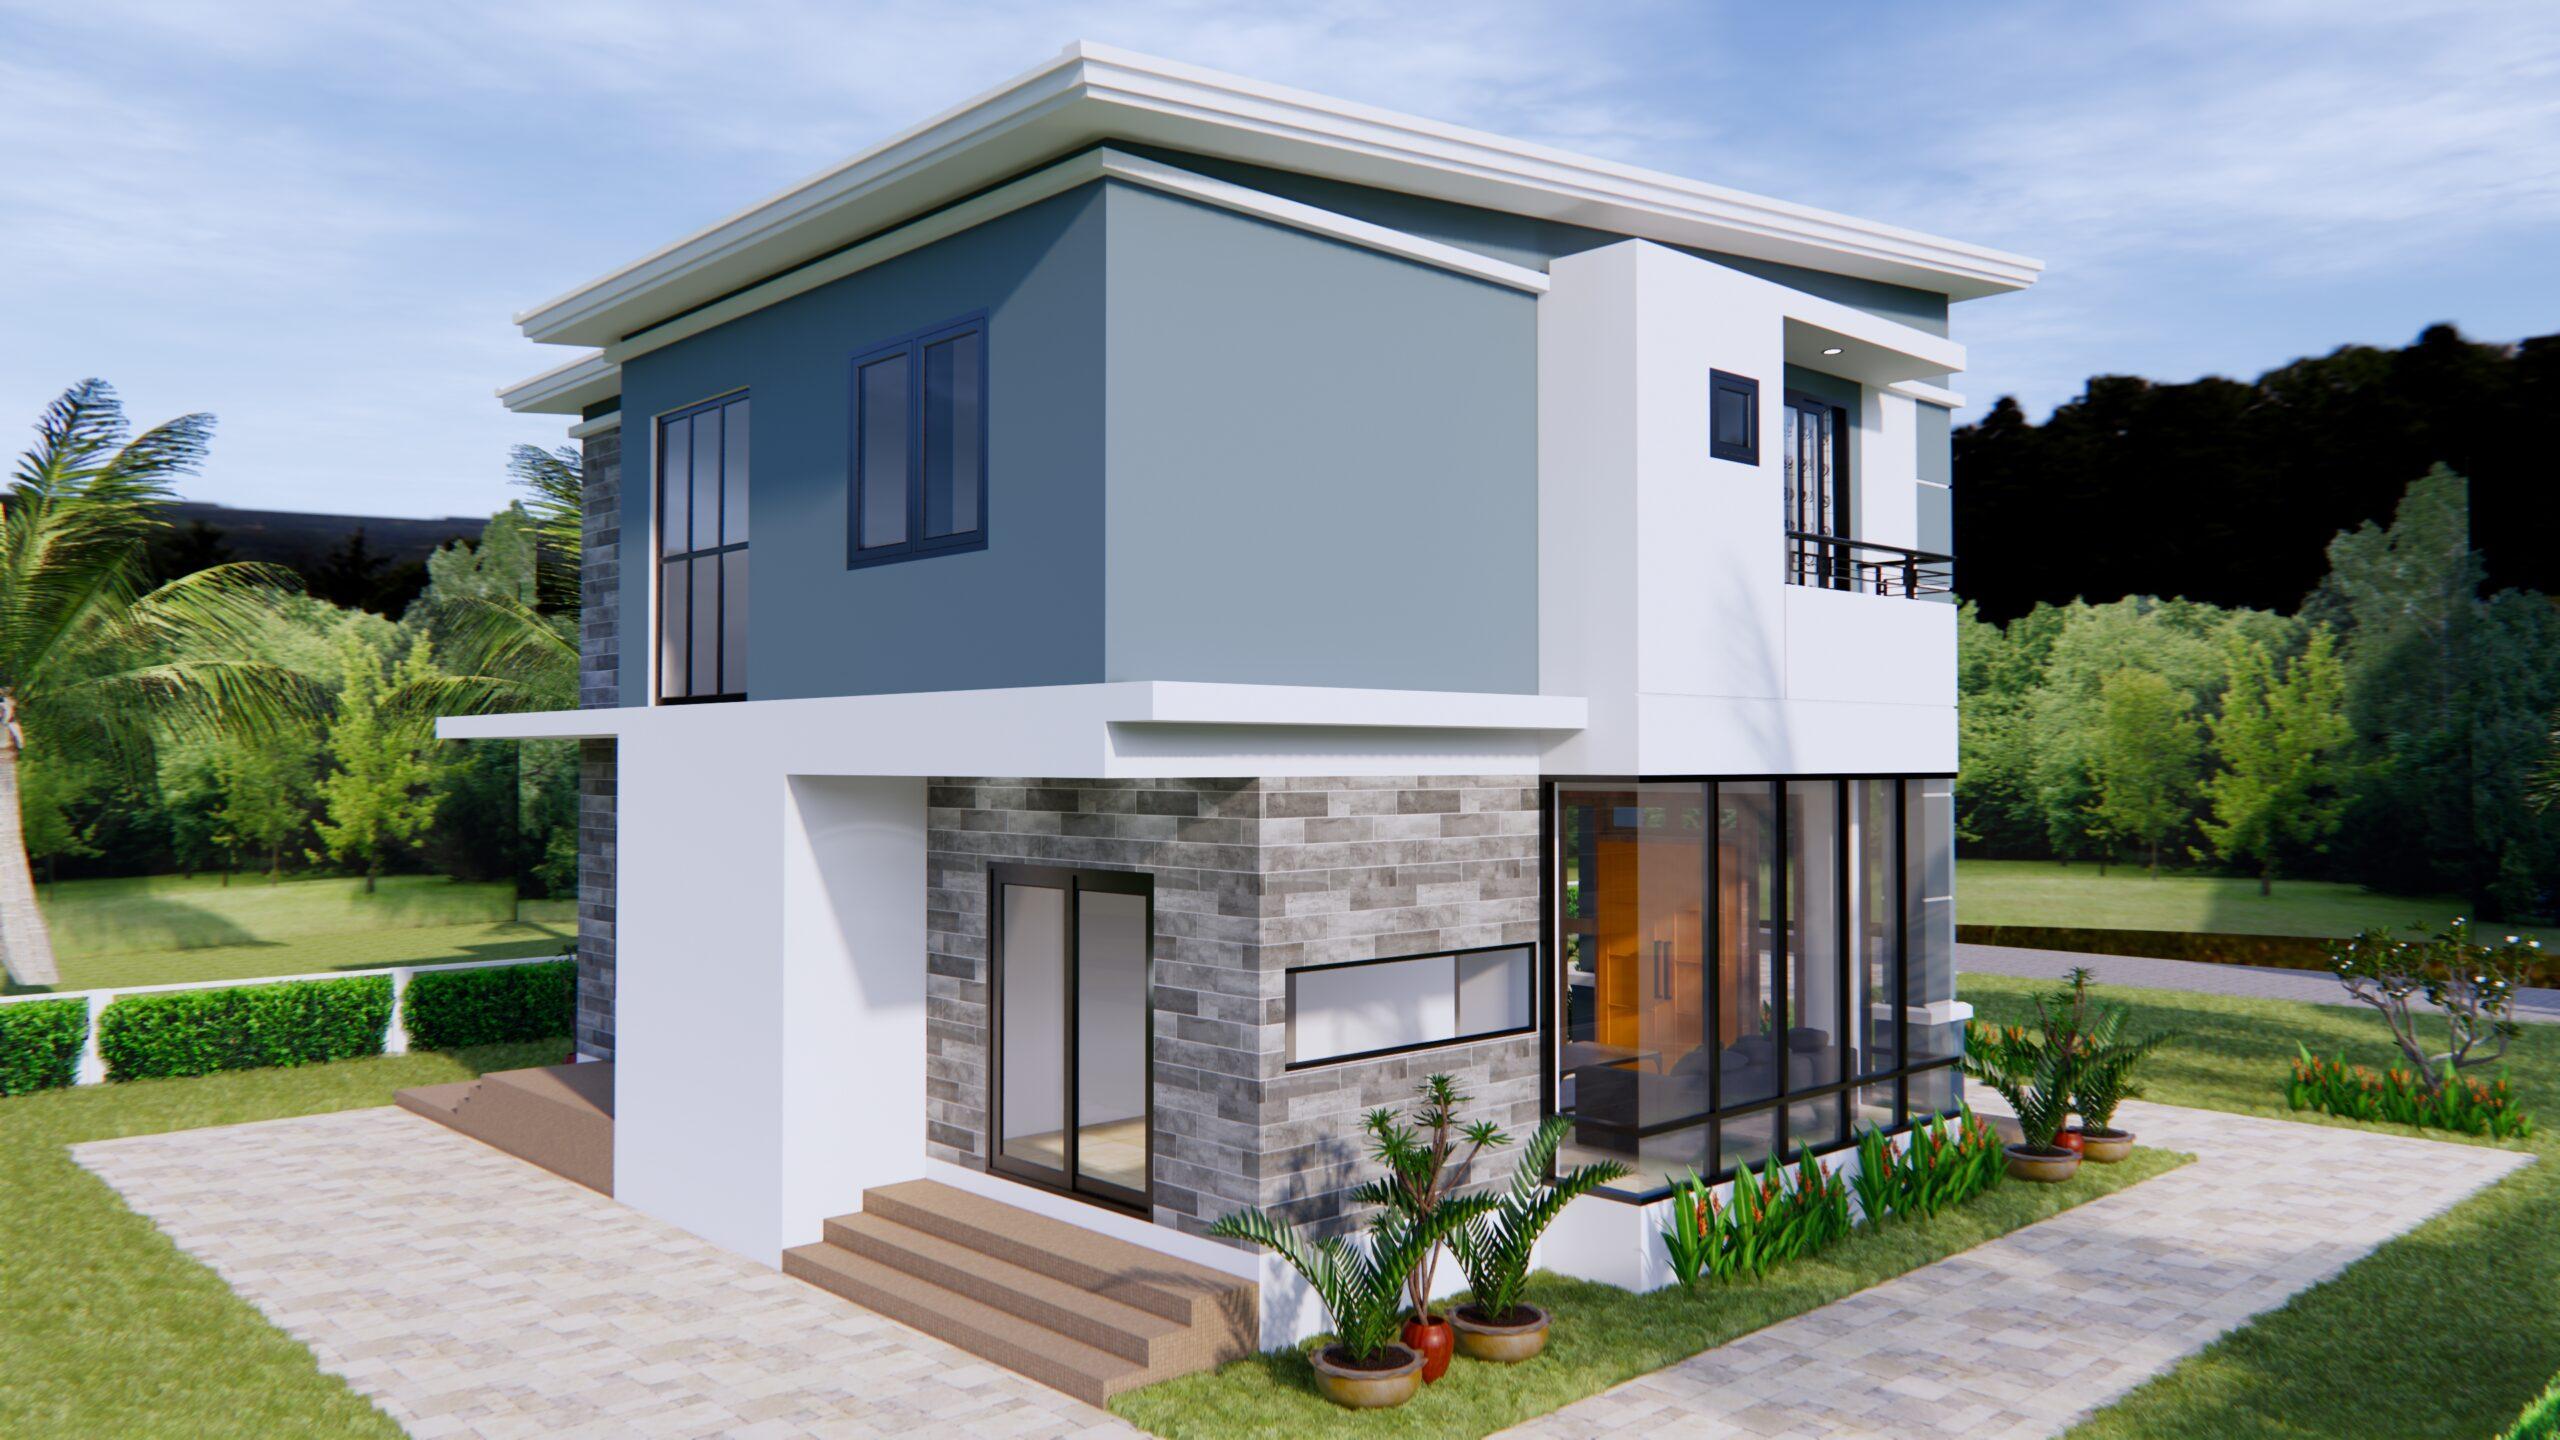 Home Plans 11x8 Meter 36x26 Feet 3 Beds 6